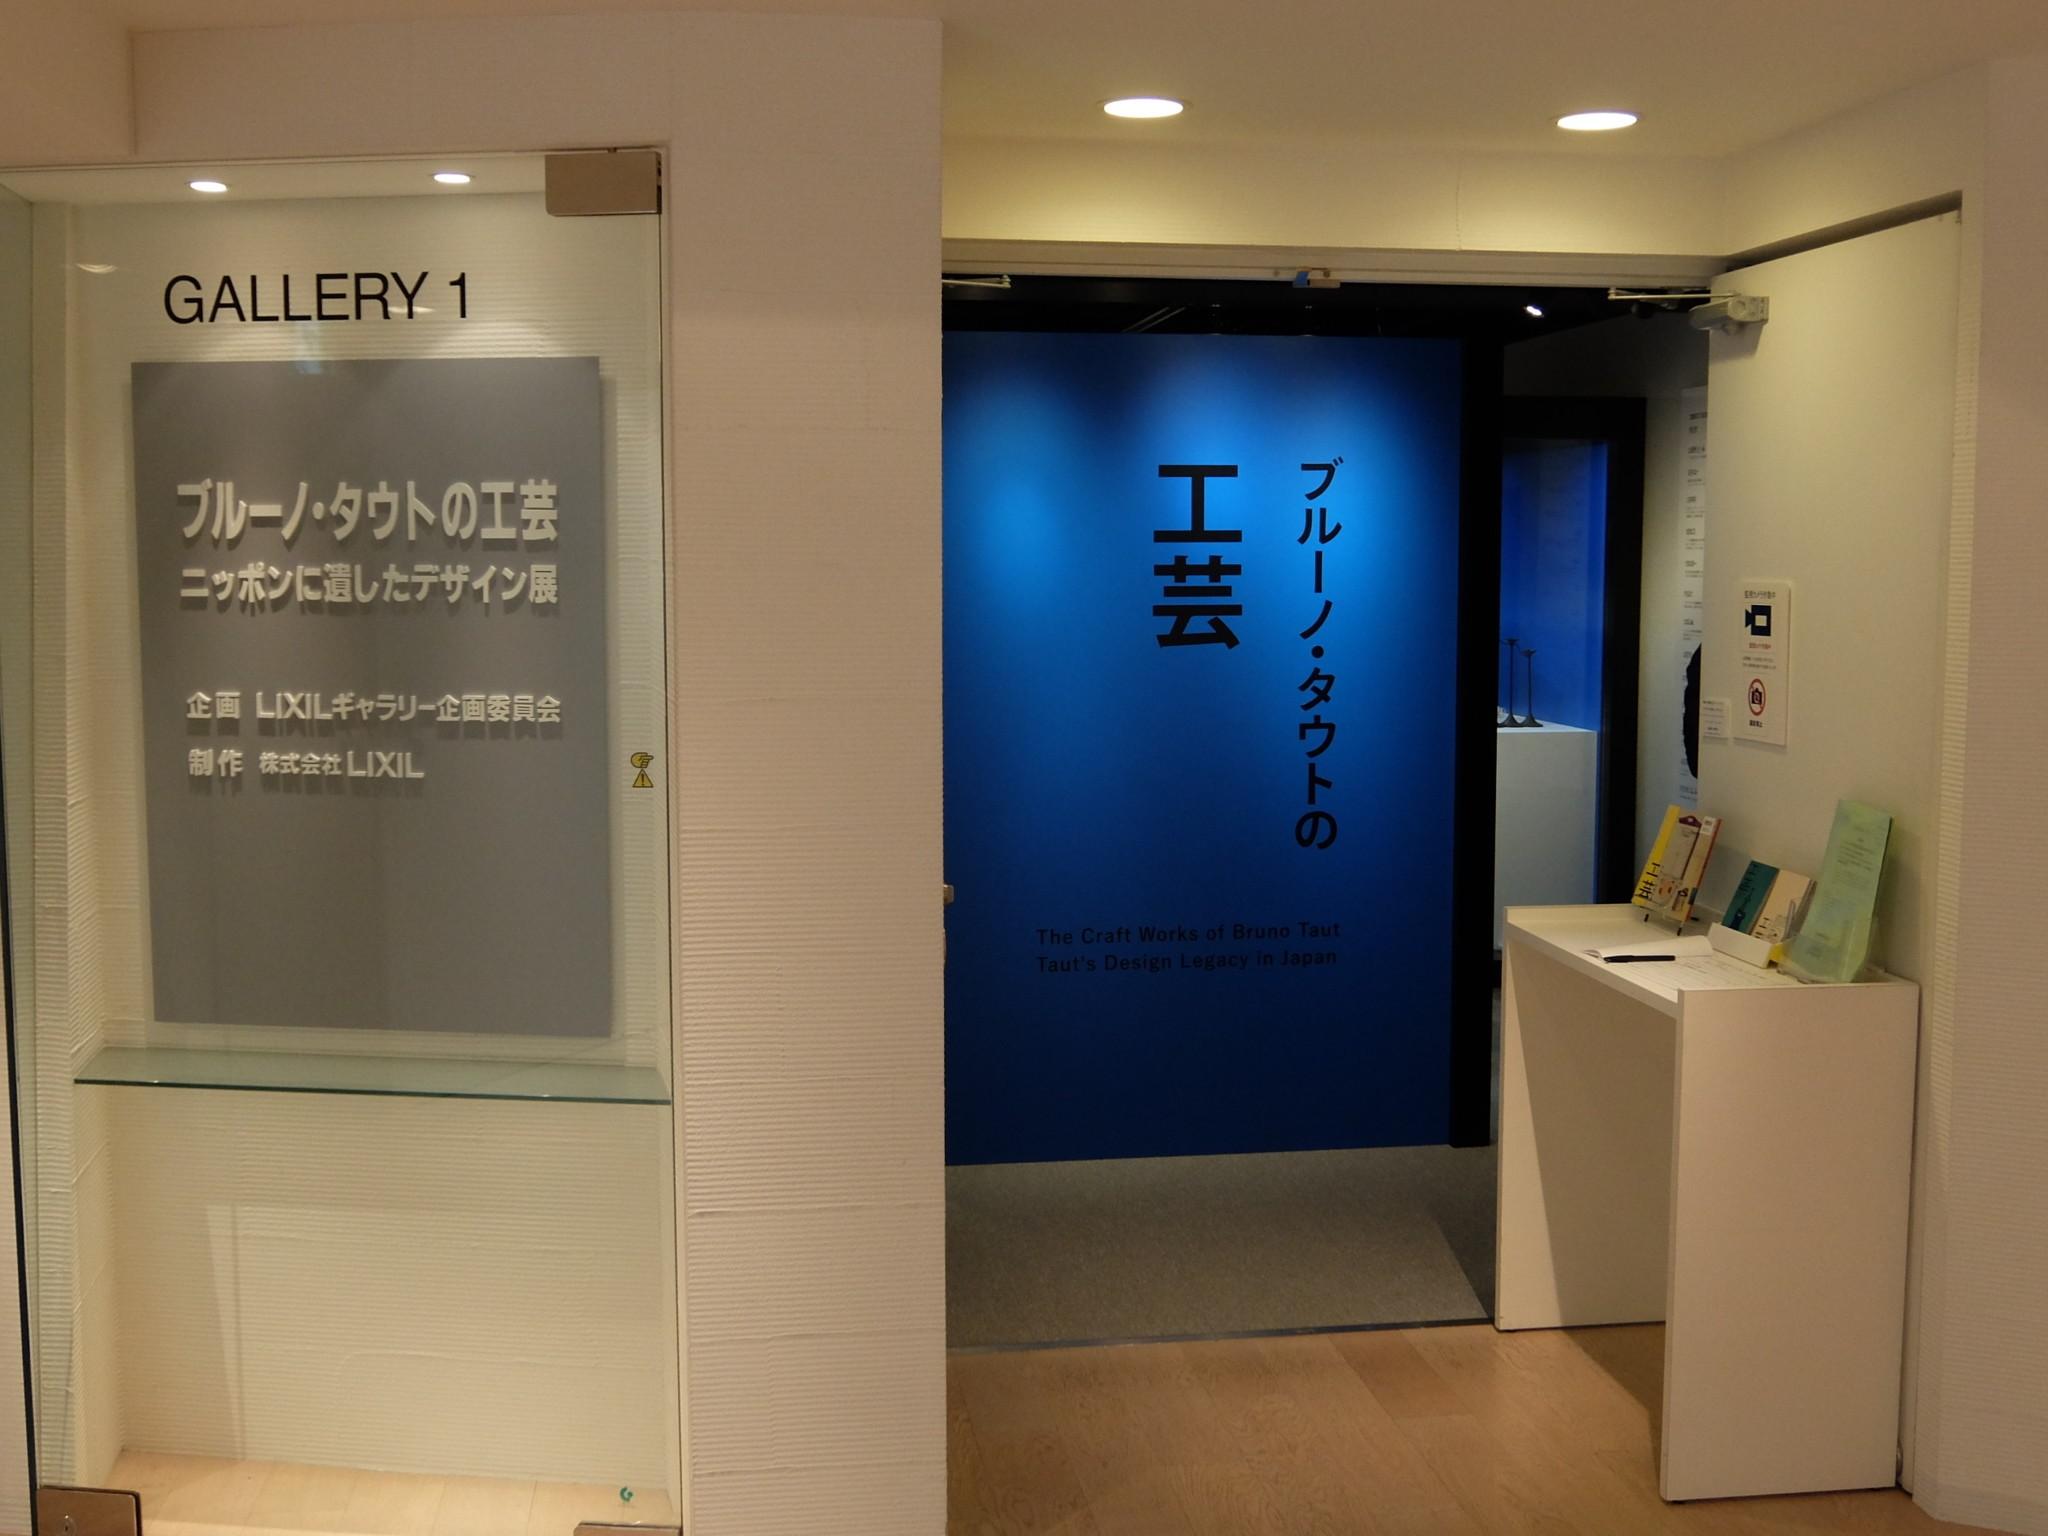 ブルーノ・タウトの工芸―ニッポンに遺したデザイン展